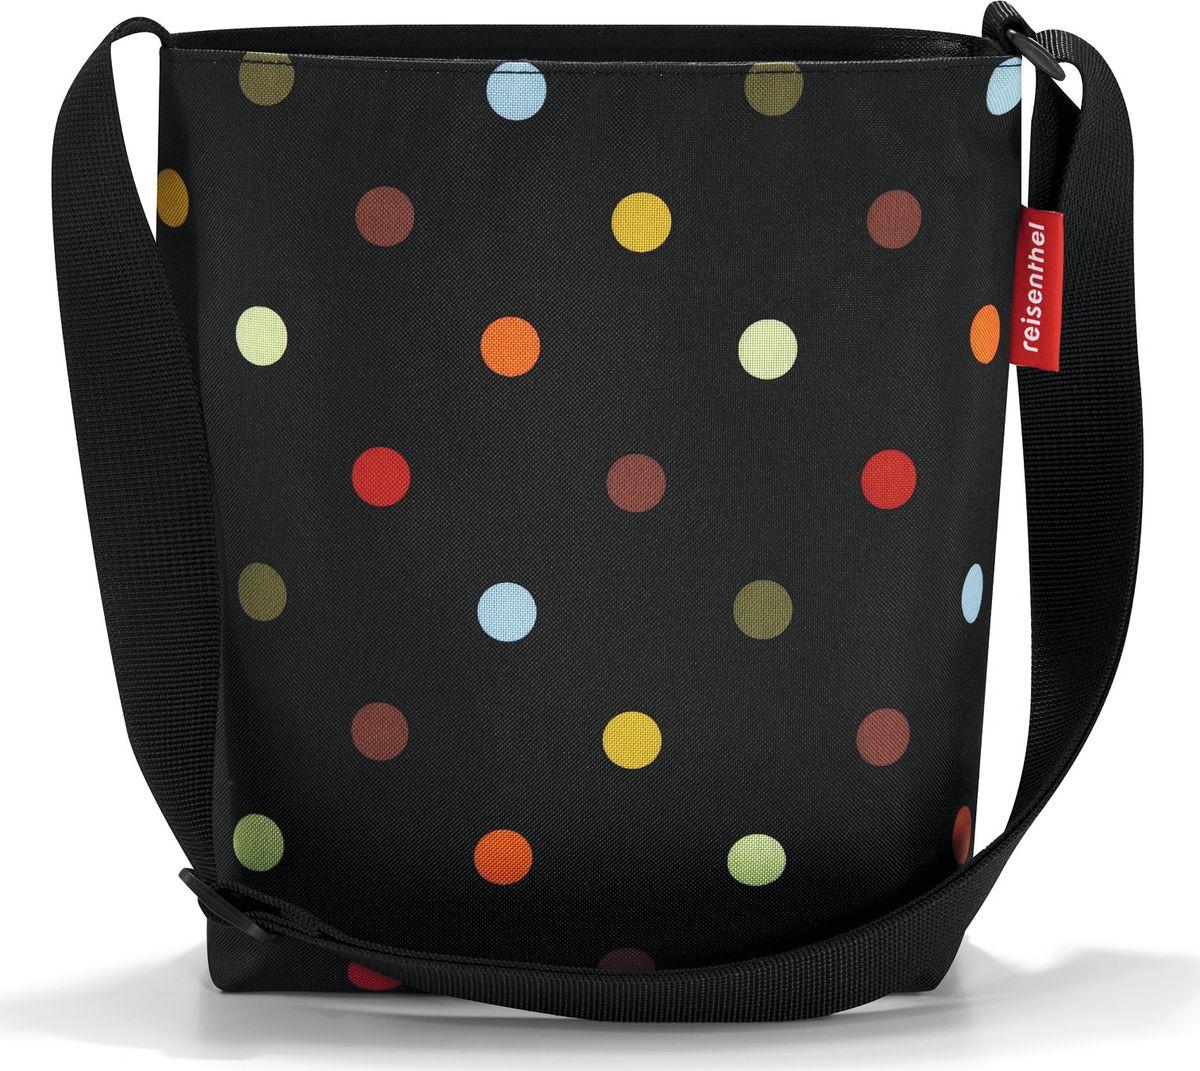 Сумка женская Reisenthel Shoulderbag S, цвет: черный. HY7009EQW-M710DB-1A1Простая, но очень вместительная сумка на плечо. Сочетание нескольких цветов позволяет носить сумку со множеством самых разных нарядов, не изменяя собственному стилю.Застегивается на молнию. Широкий удобный ремень регулируемой длины.